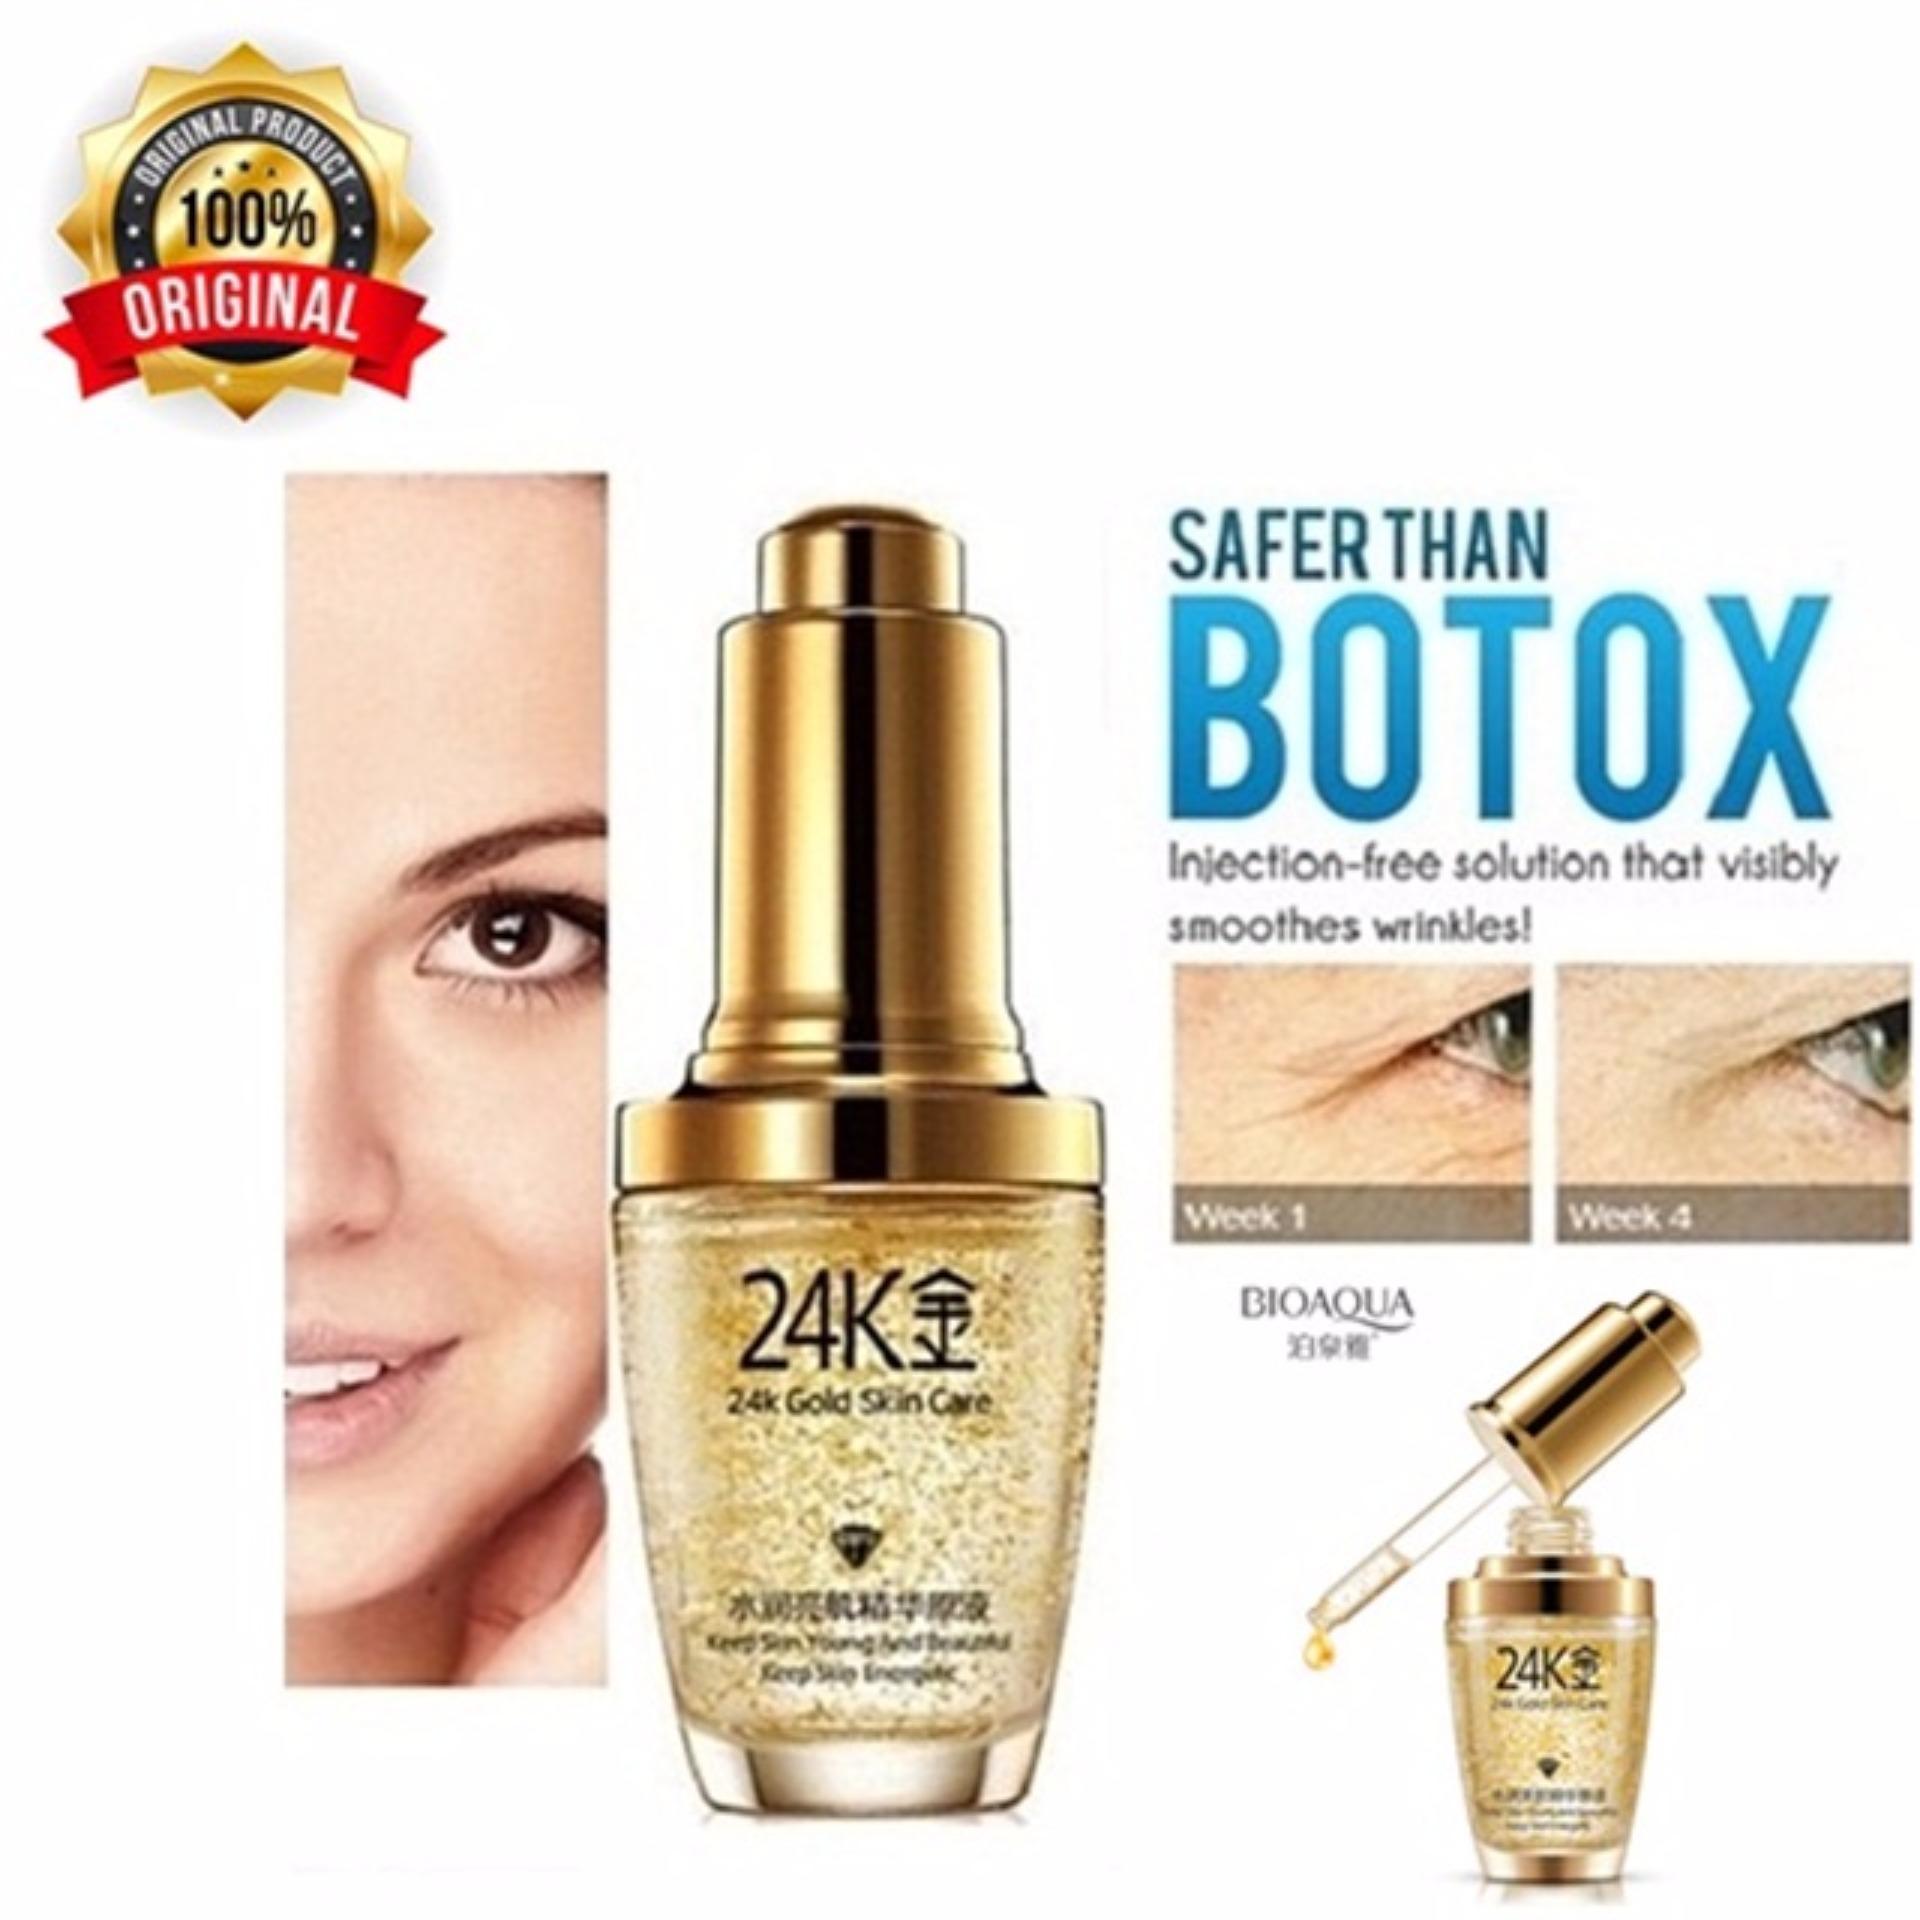 Bioaqua 24k Gold Skin Care Serum Wajah Emas Penghilang Kantung Mata dan Kerutan Wajah